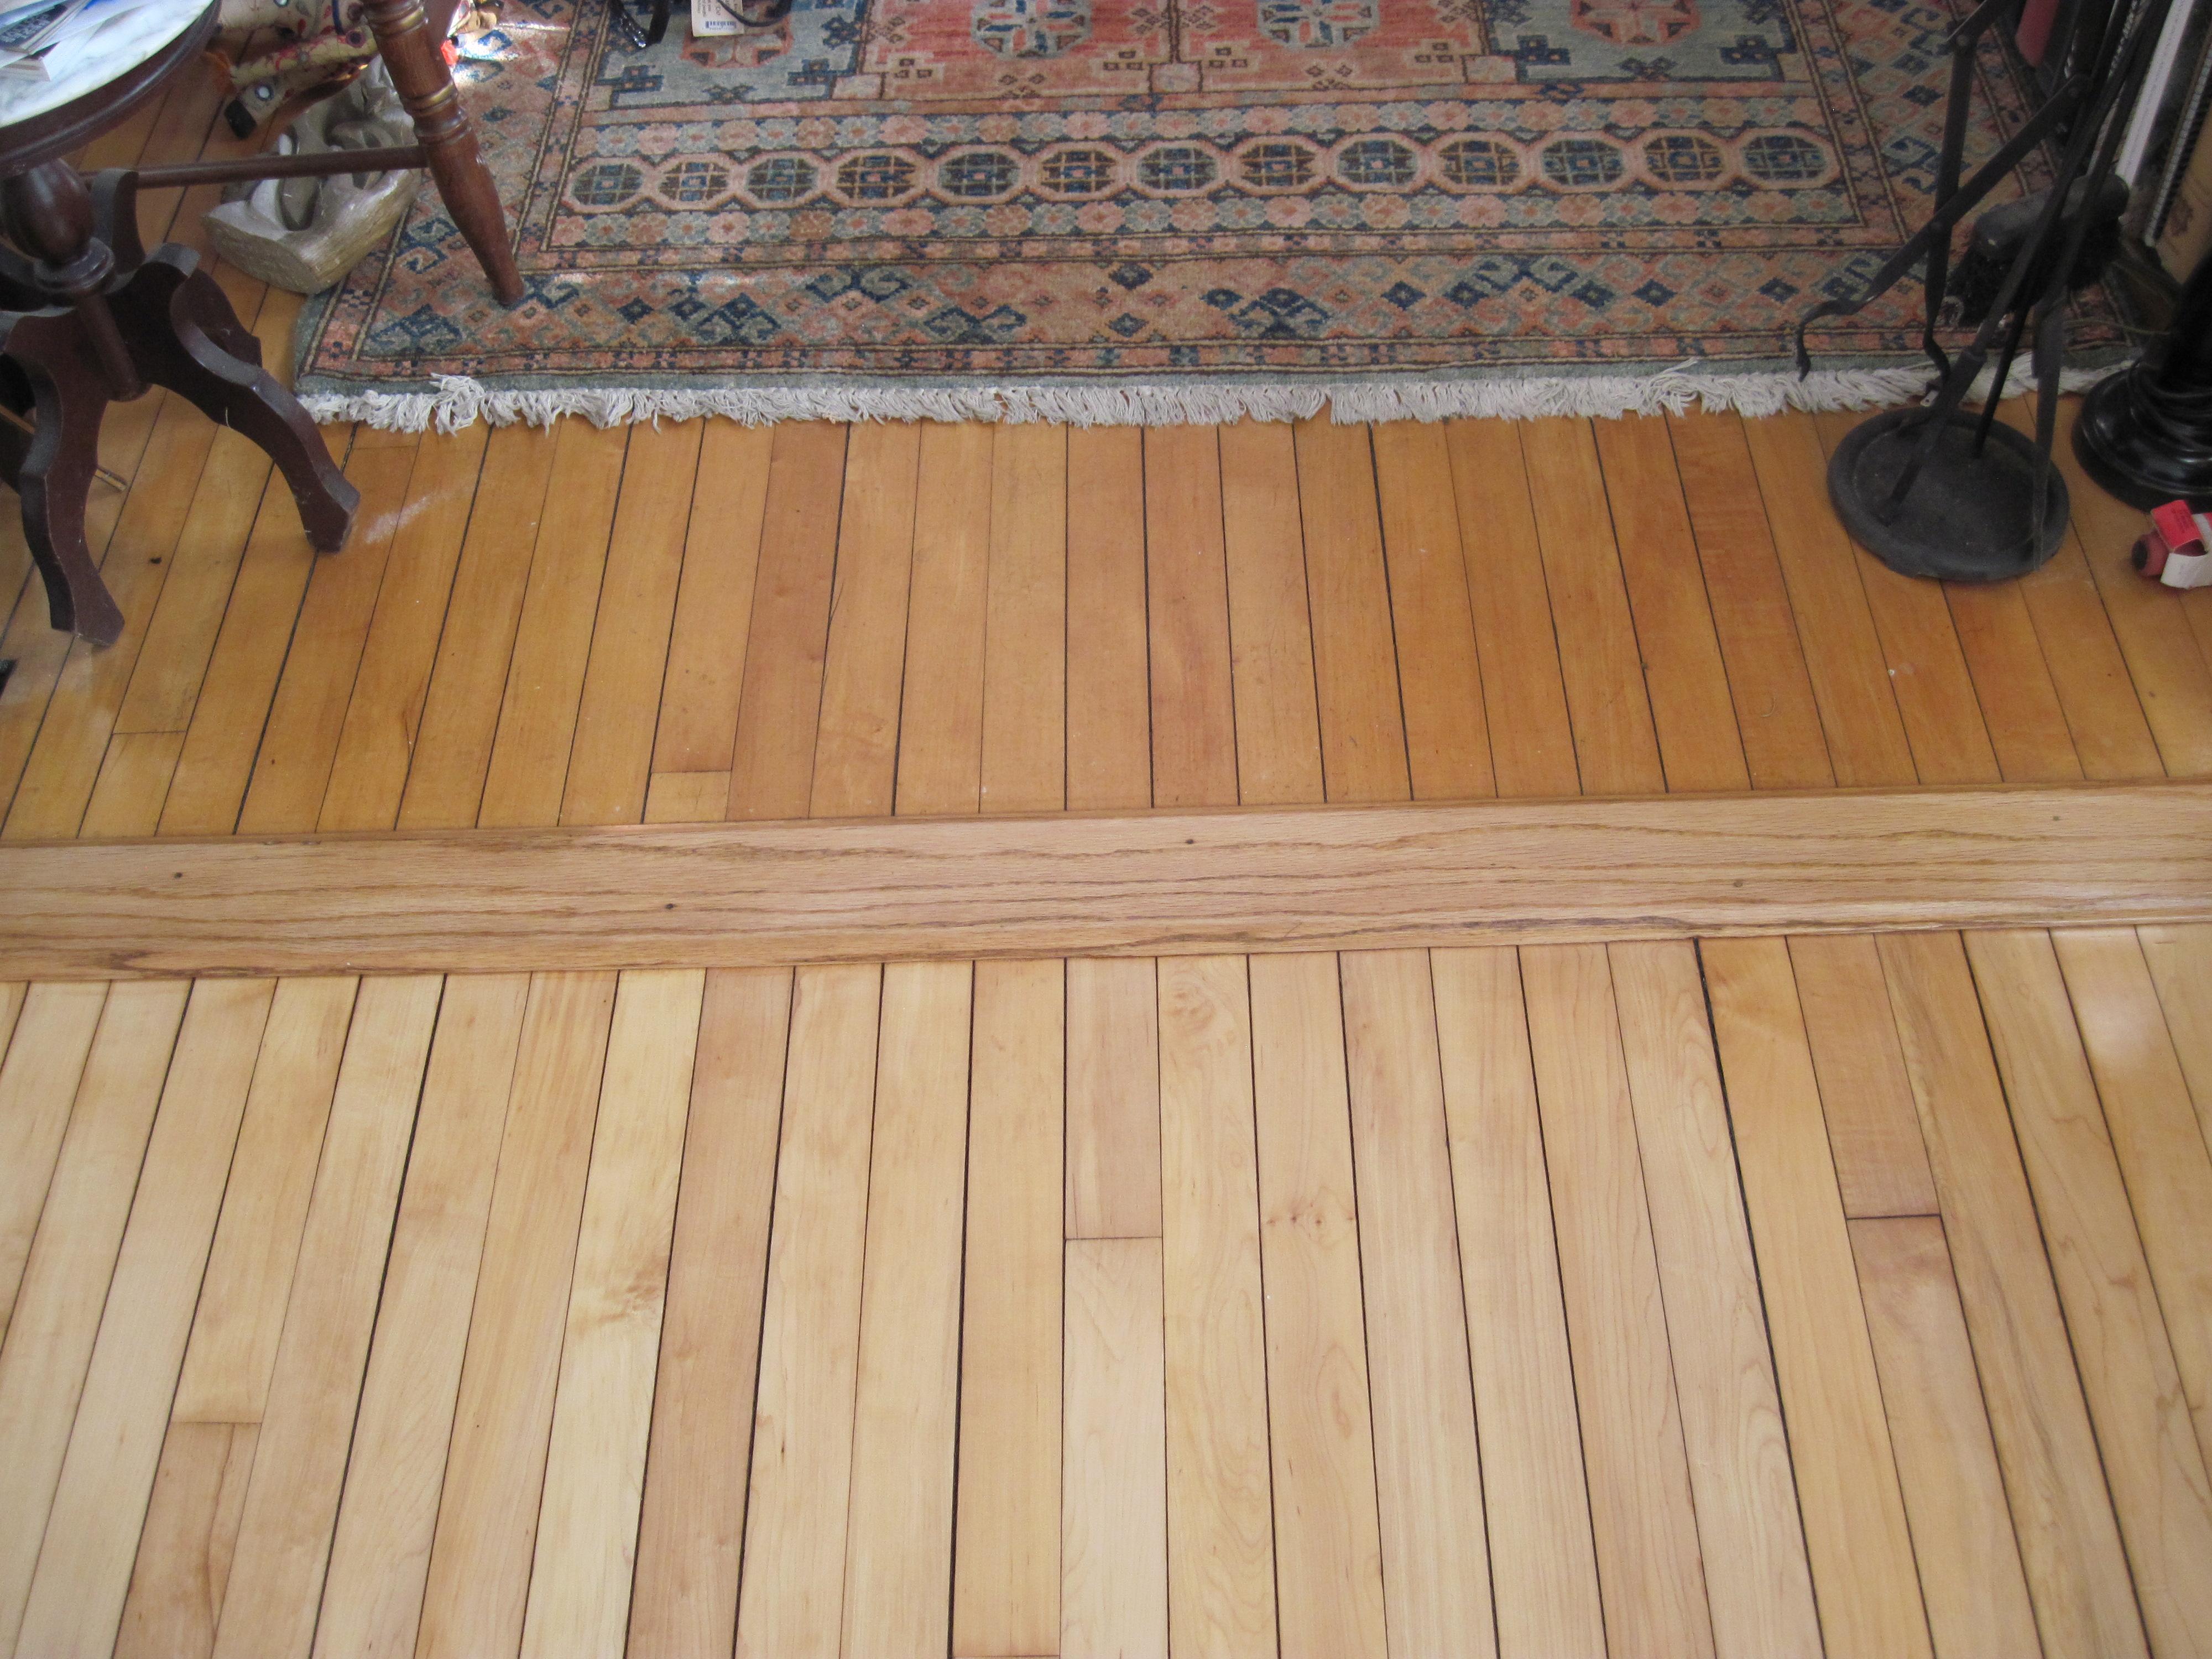 Duffyfloors Duffy Floors Hardwood Floors Boston Ma